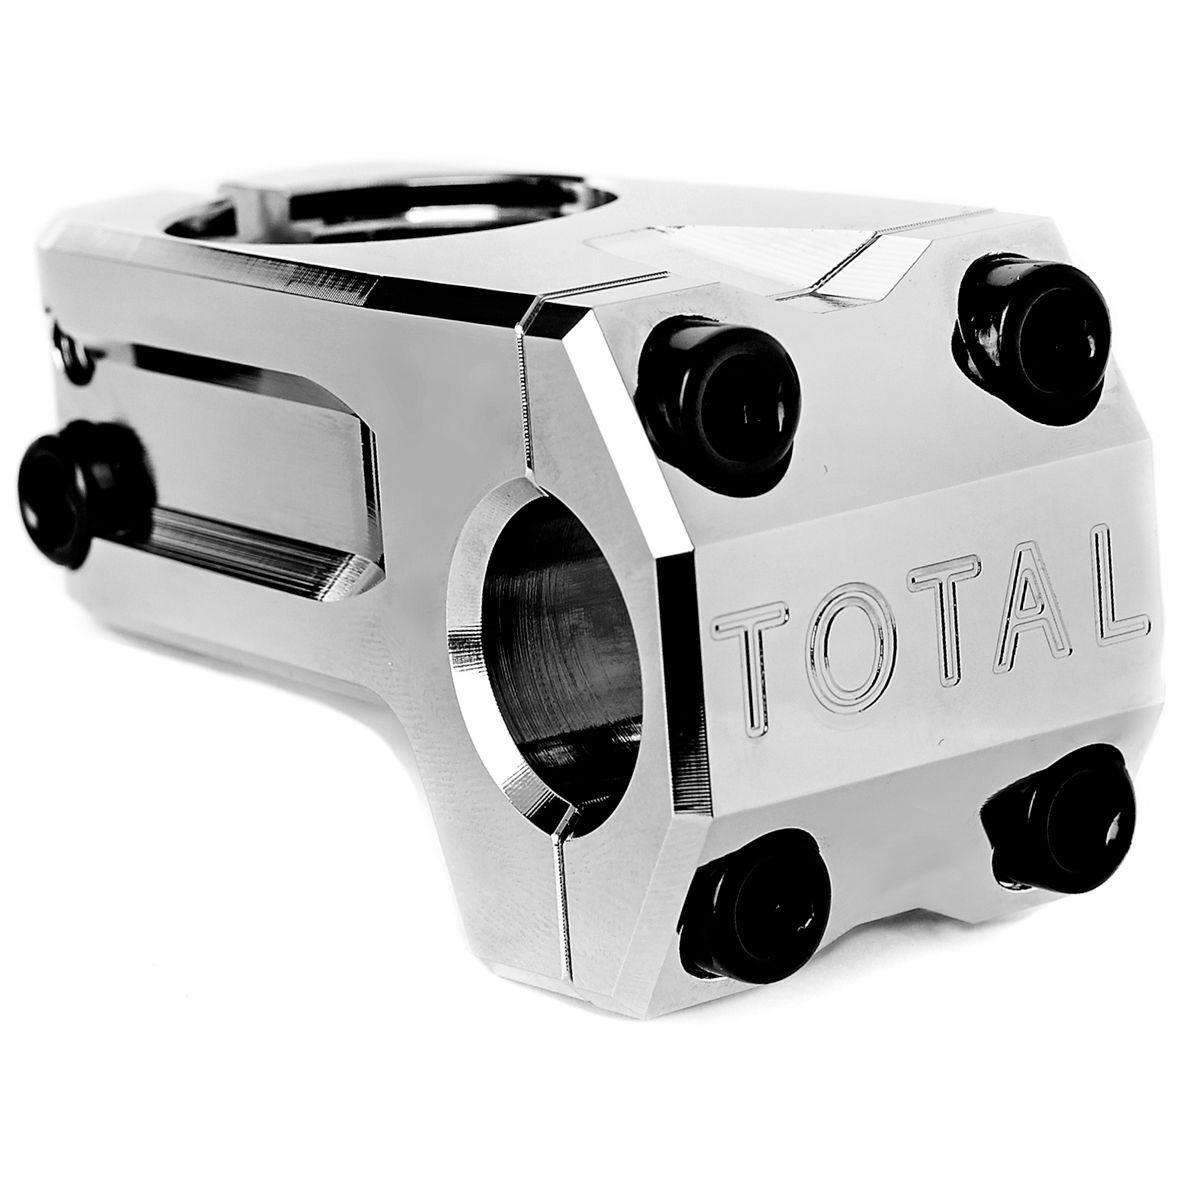 Total BMX Front Loader Team Stem - Polished - SALE